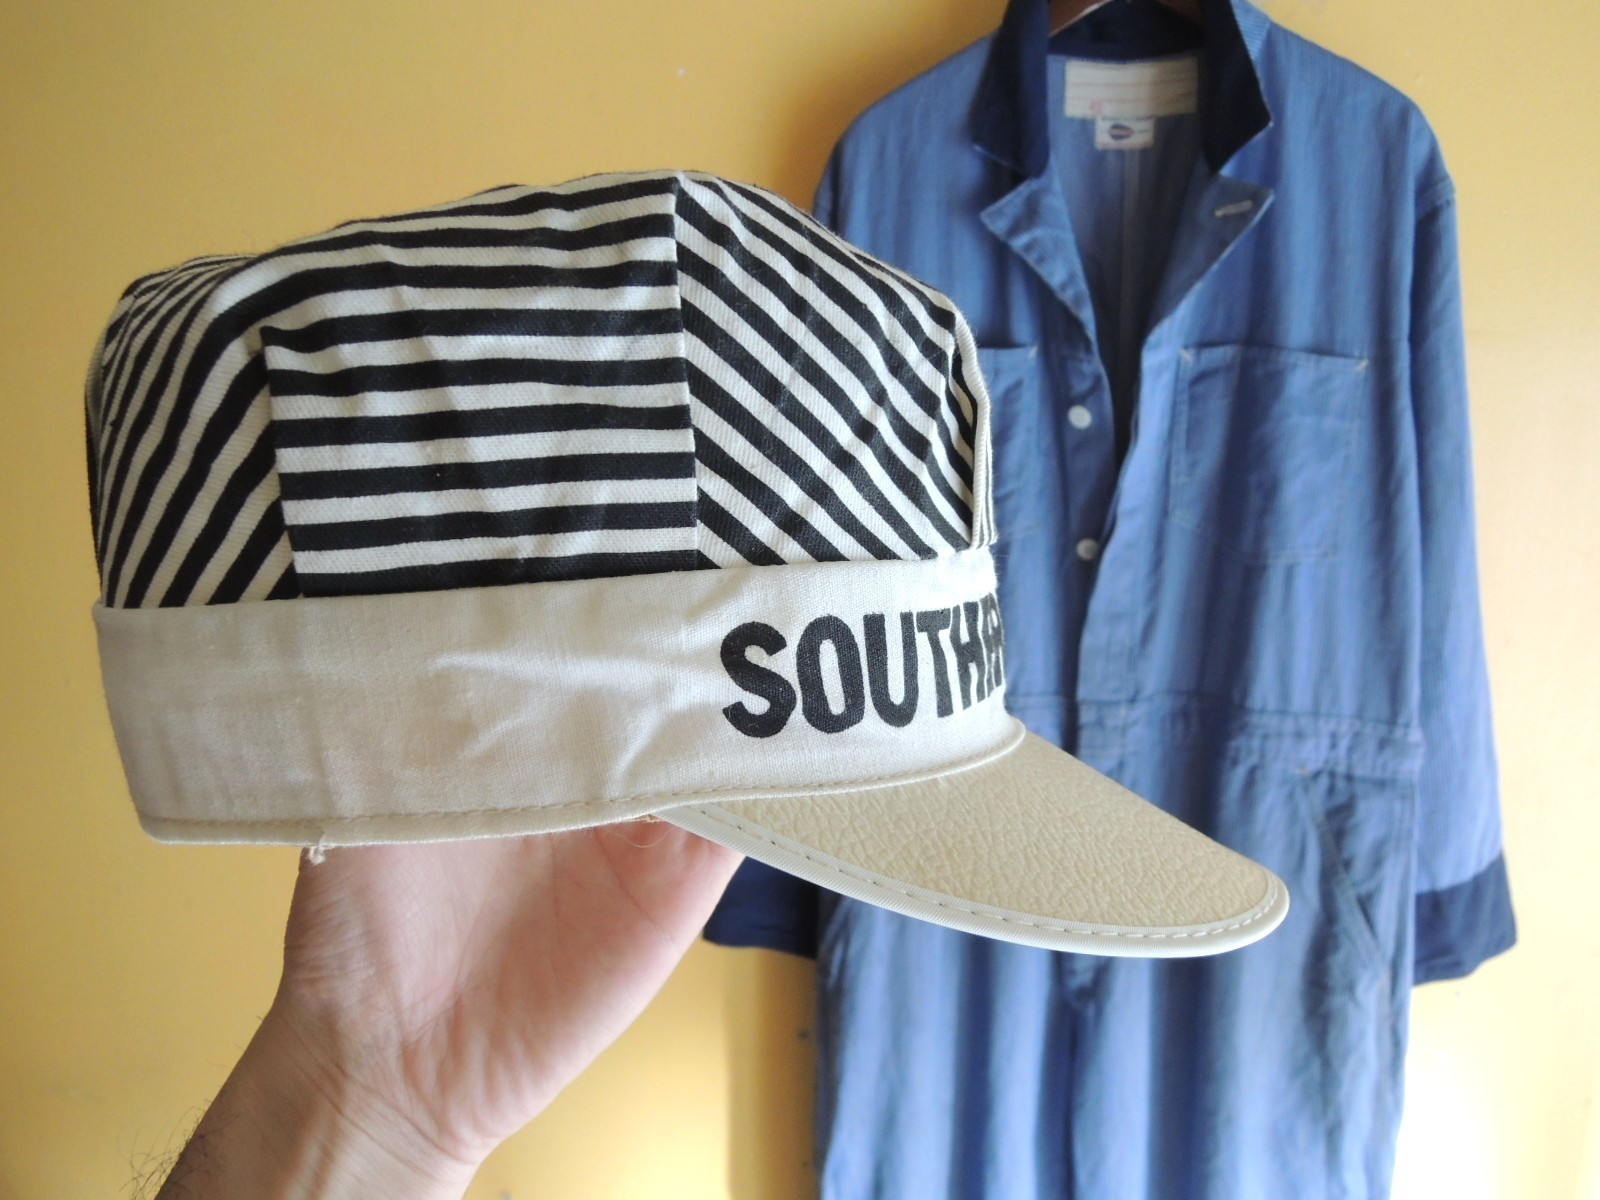 southernpacificrailroadcap02.JPG